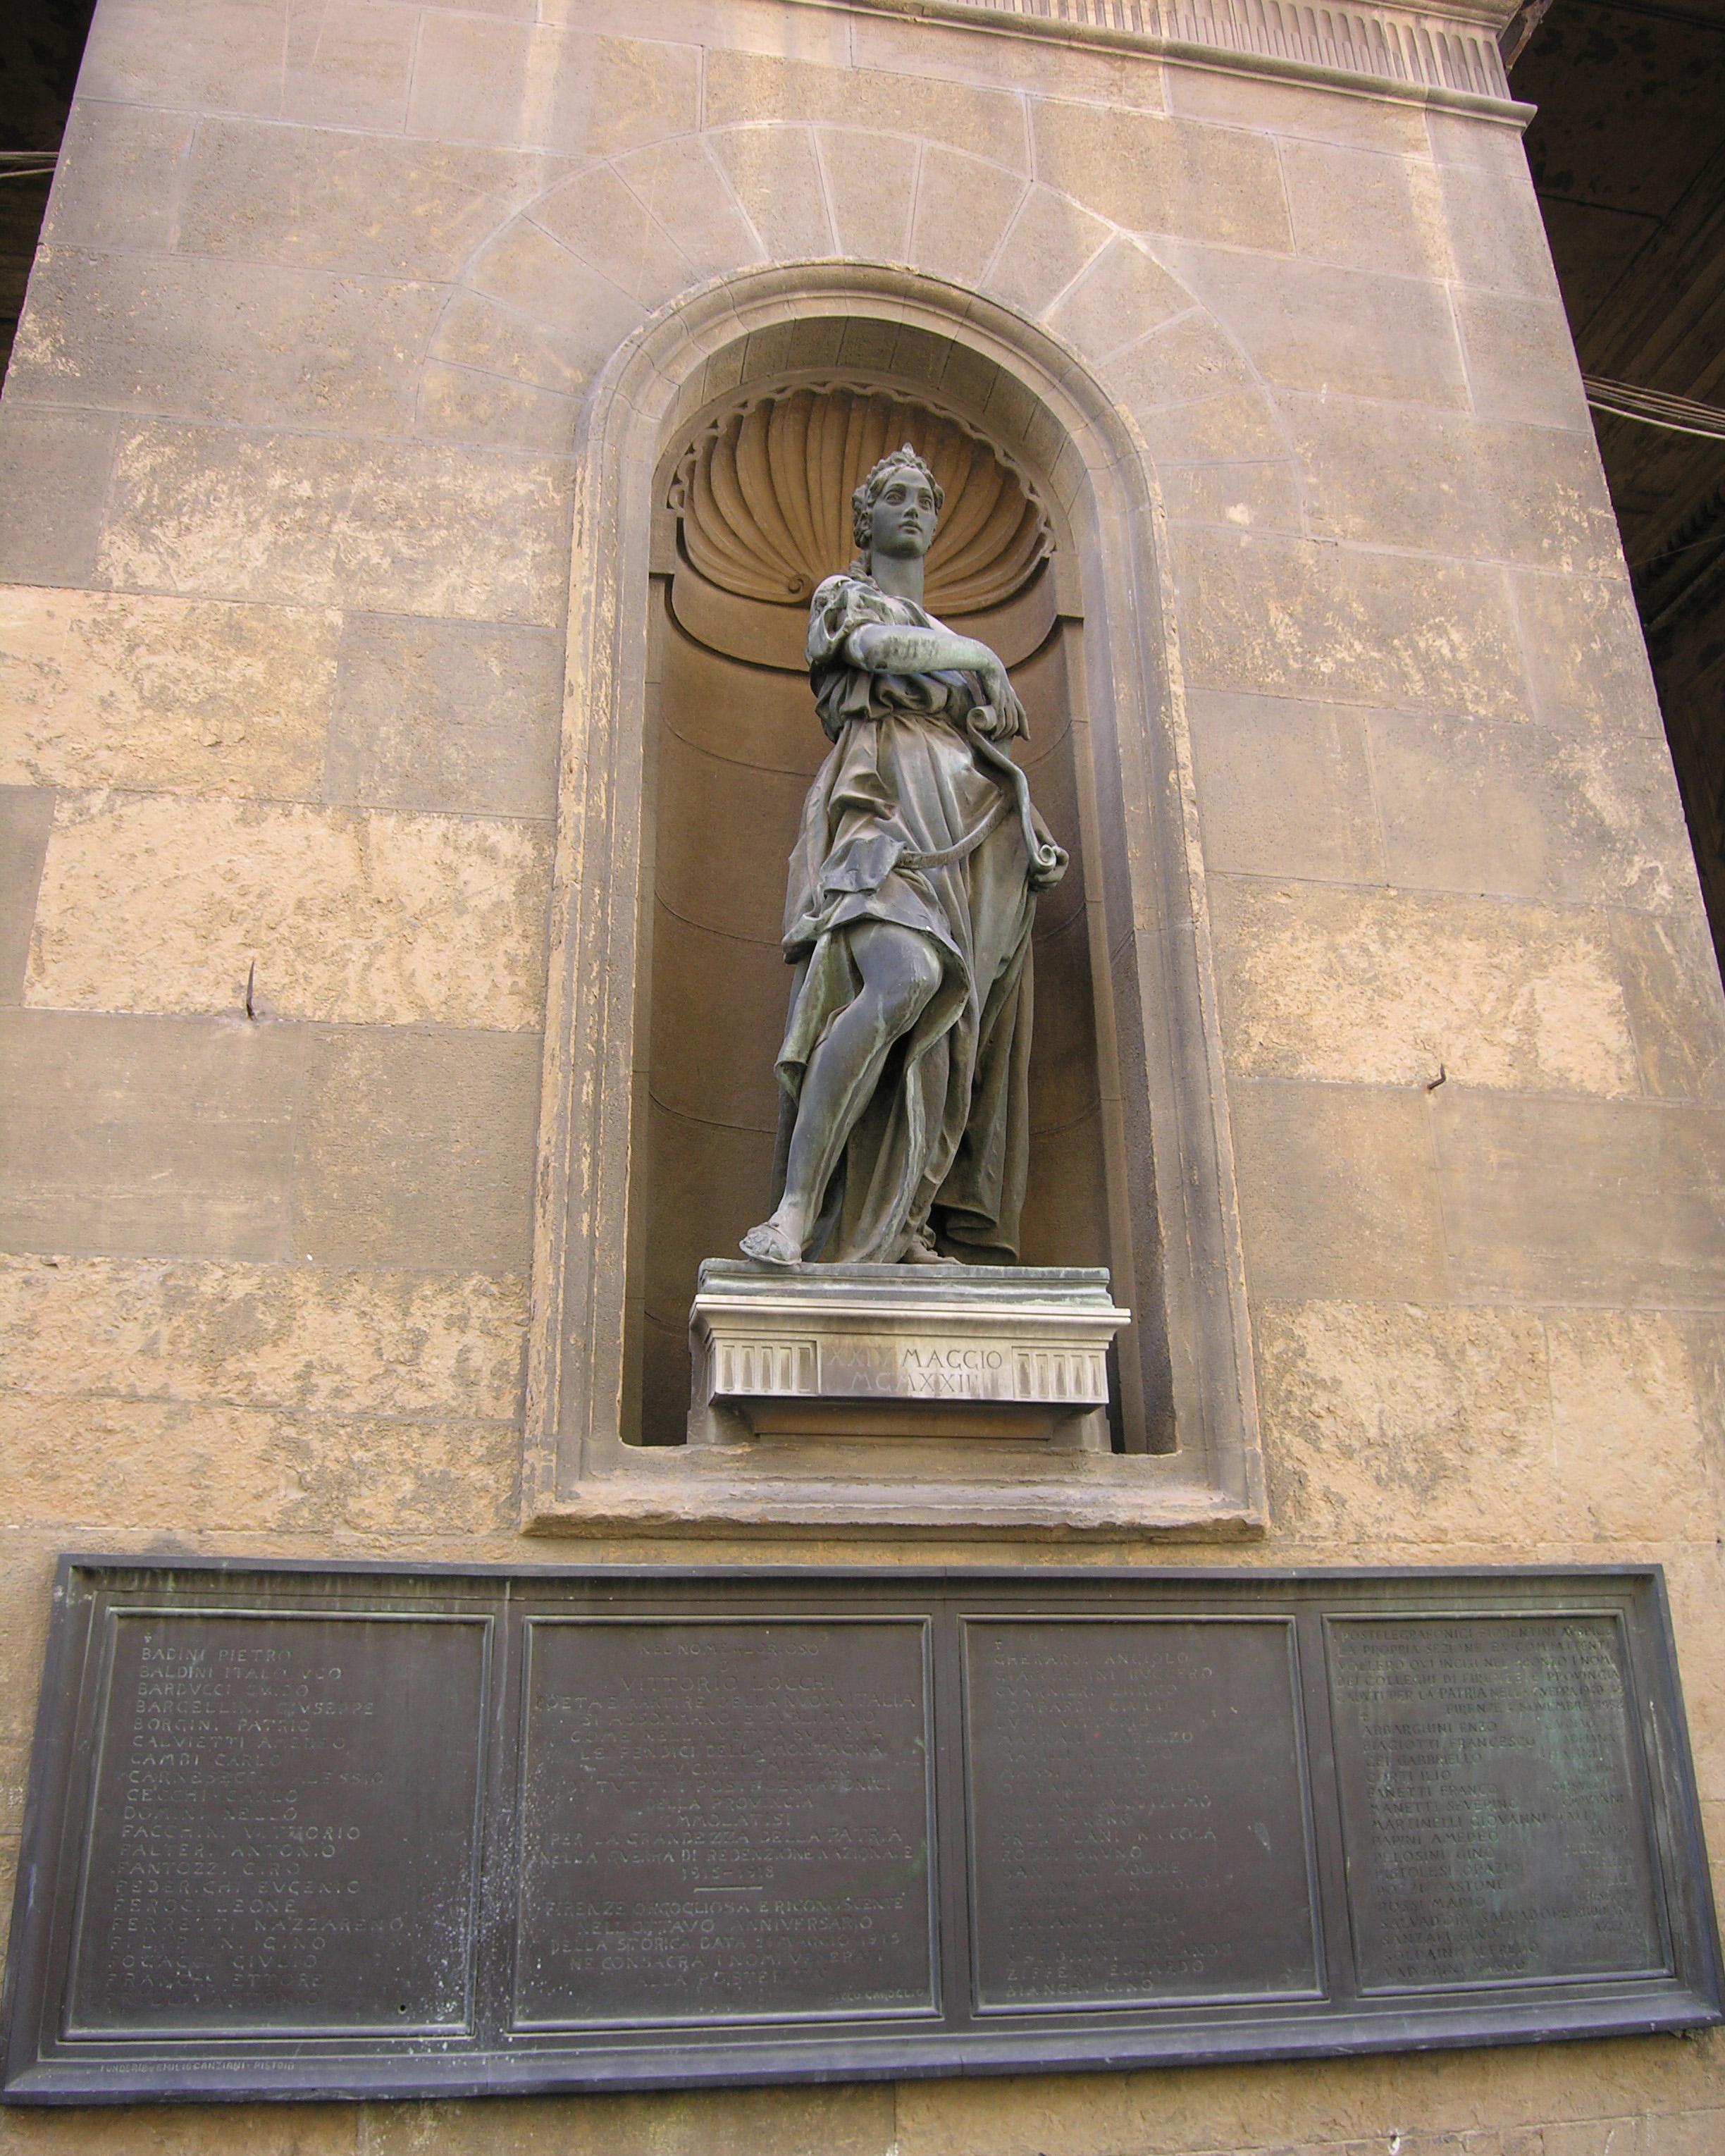 allegoria della Patria (monumento ai caduti - a edicola) di Passaglia Giulio (sec. XX)